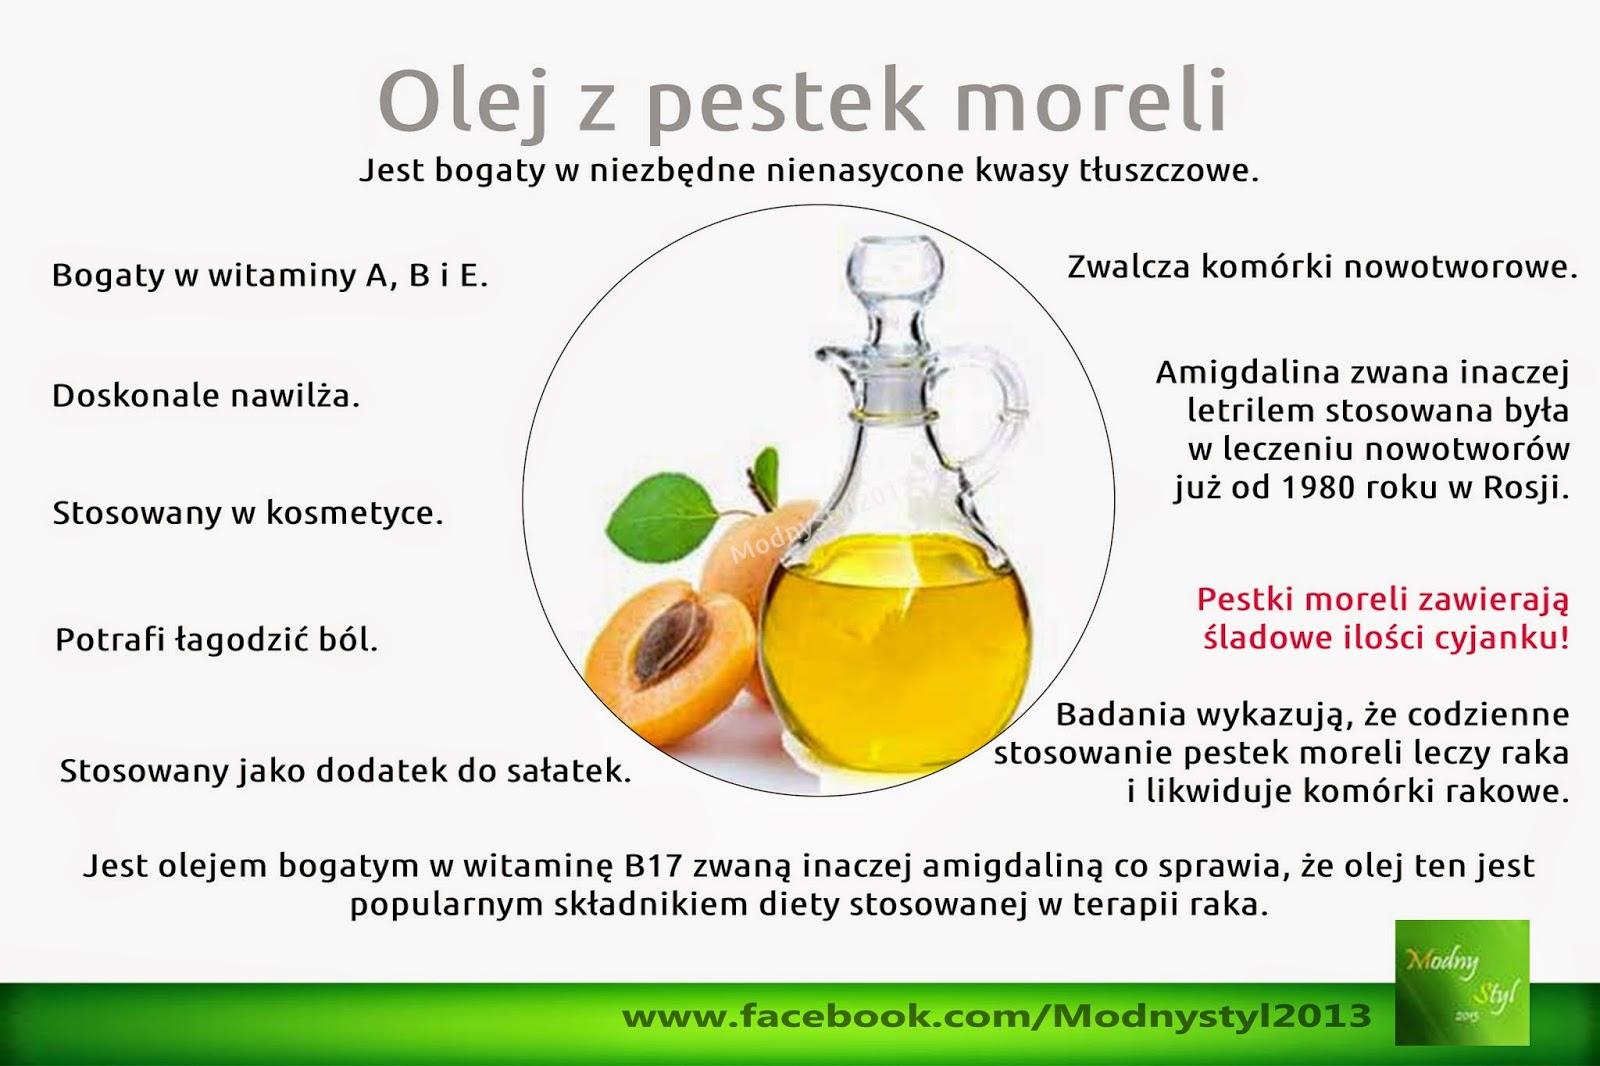 Olej z pestek moreli